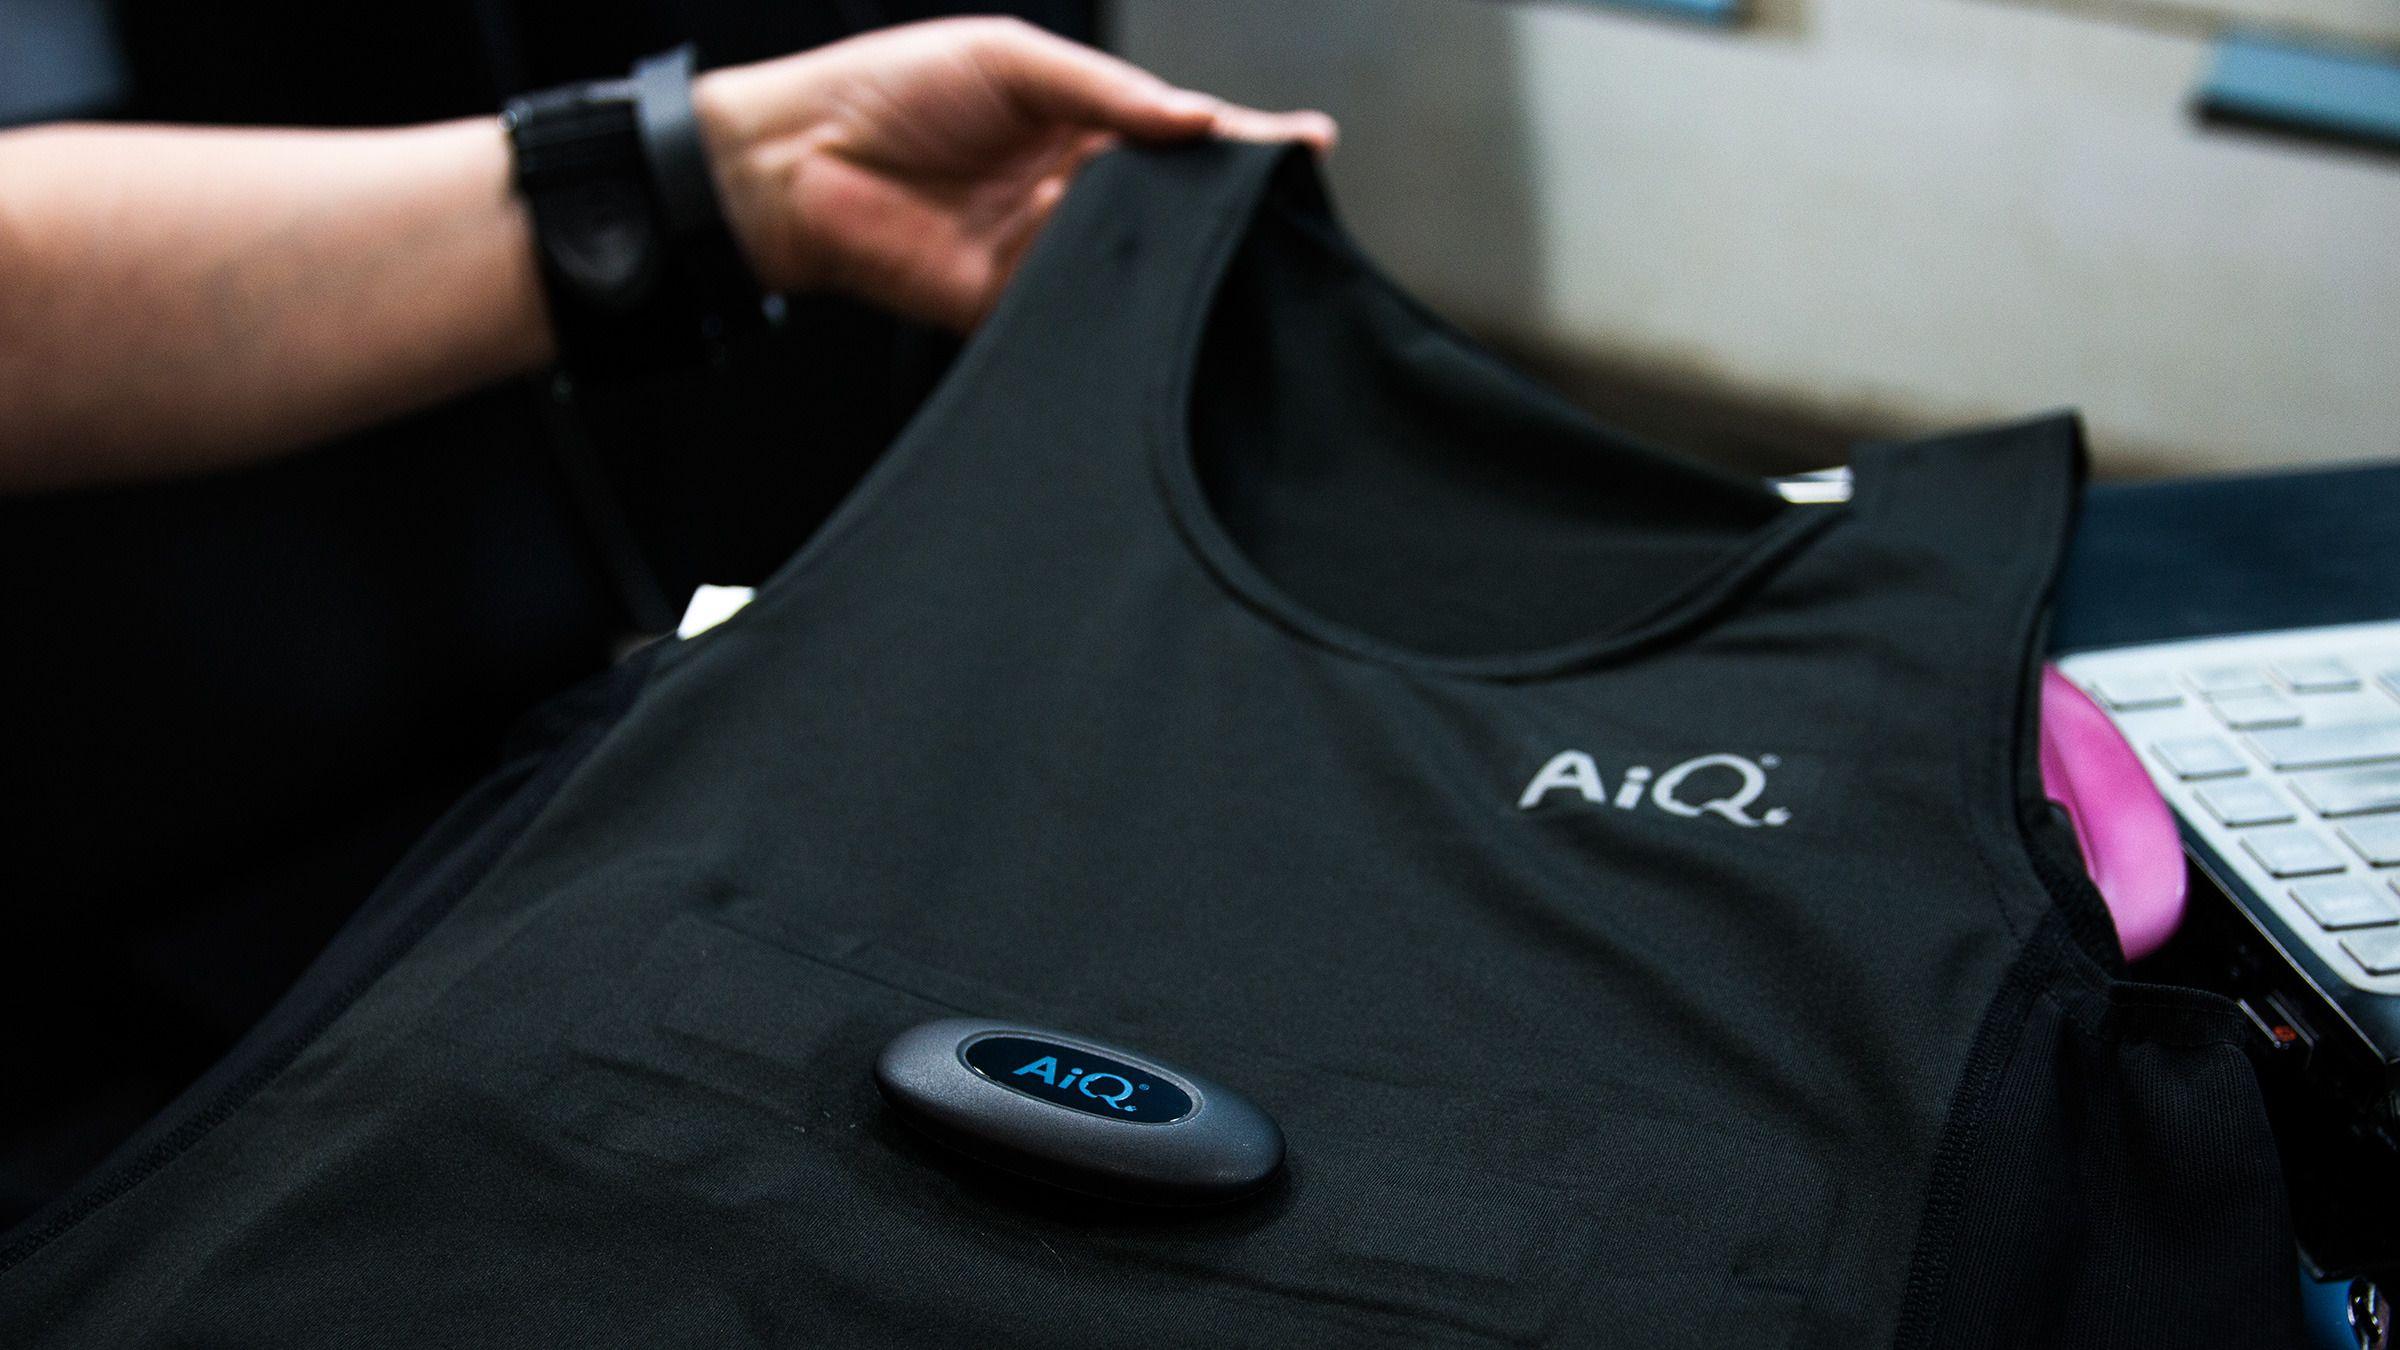 Den smarte skjorten fungerer som en hvilken som helst annen sportstrøye, og når sensoren på brystet er tatt av kan den vaskes helt vanlig i maskin. I nyere modeller blir sensoren helt skjult.Foto: Varg Aamo, Hardware.no